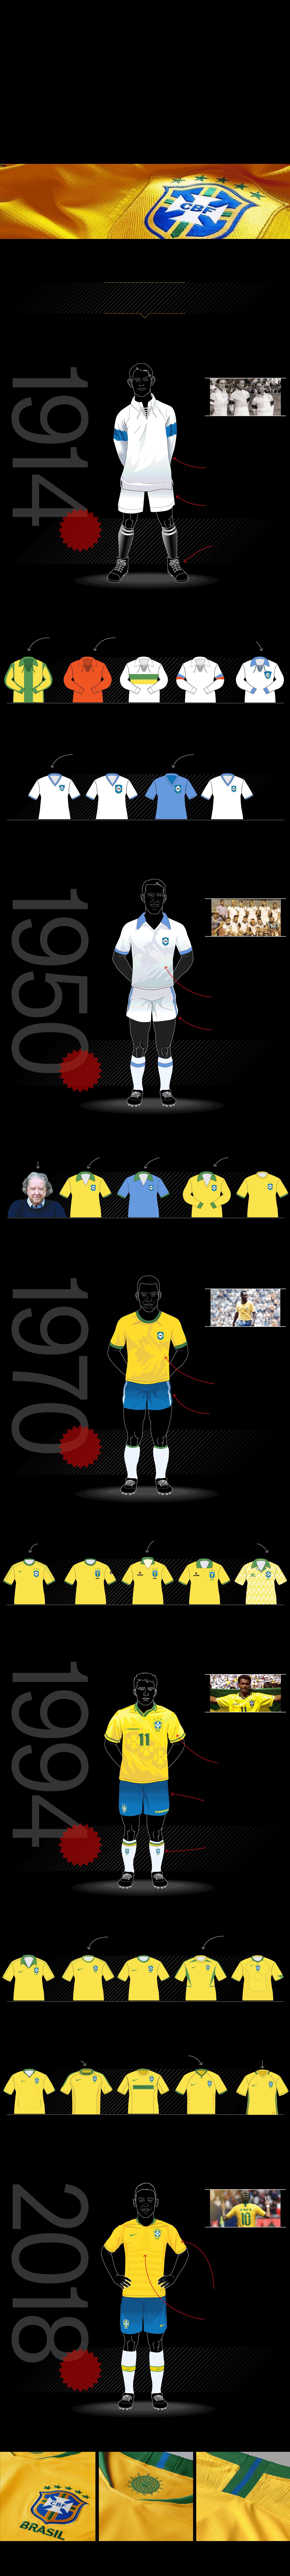 b22a19d973 O Globo - Camisas da seleção